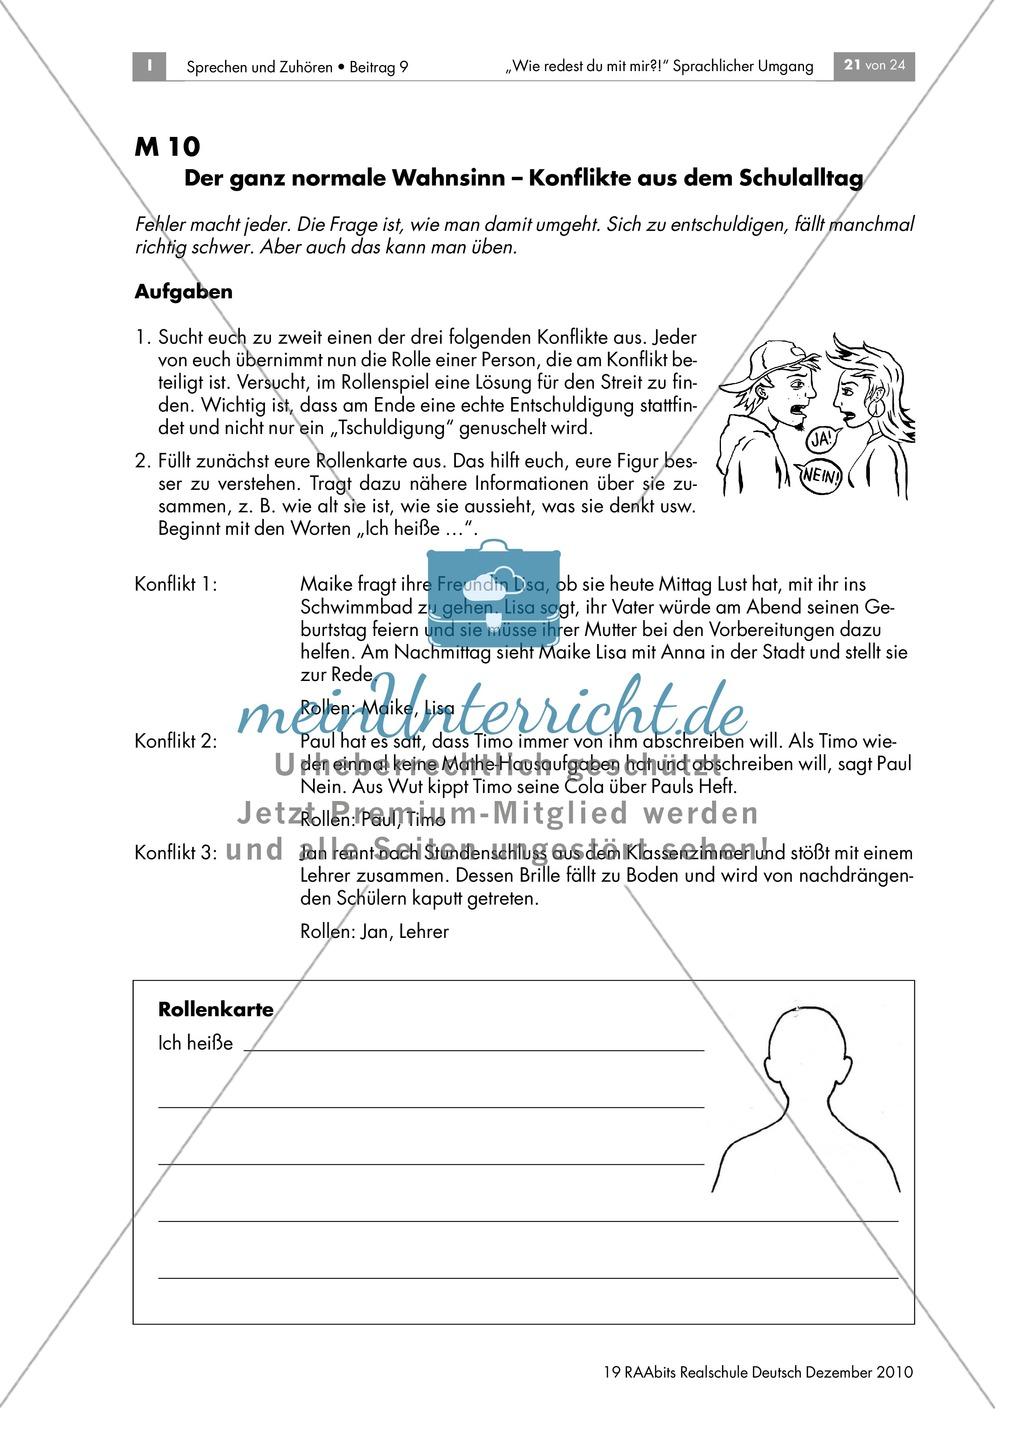 Konflikte sprachlich lösen am Beispiel des Jugendbuchs